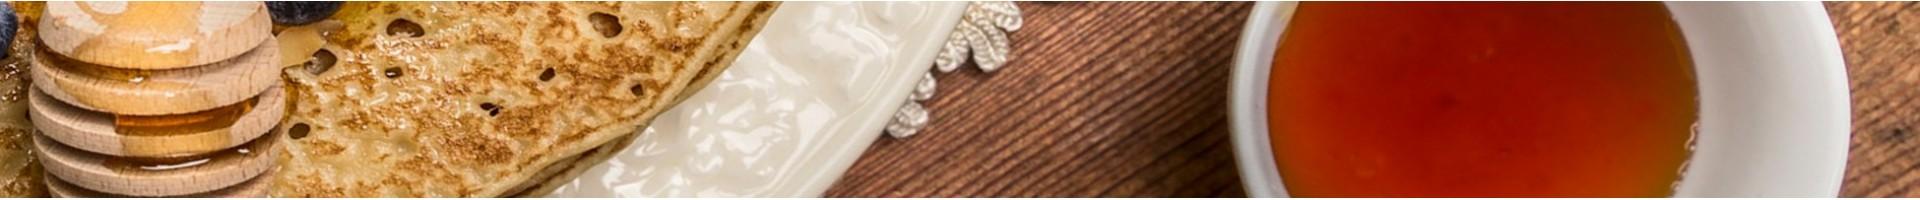 Siropes de Arroz y Maltas de Cebada | Compra Online | La Finestra